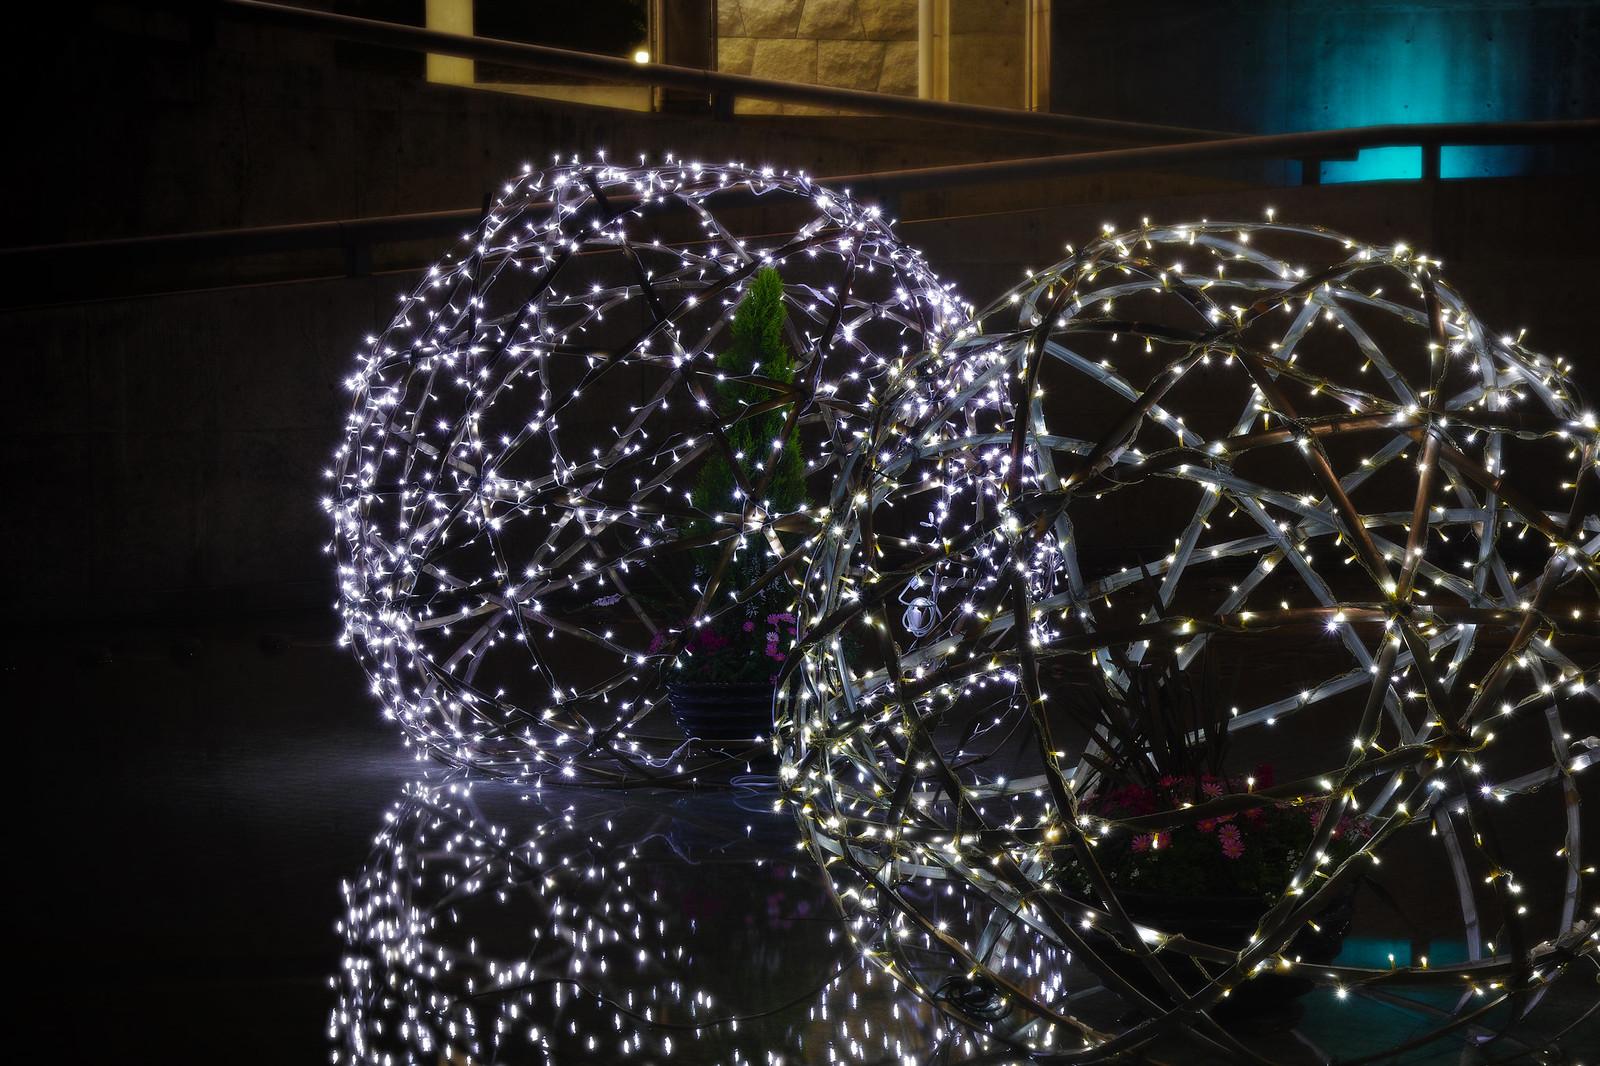 光と花のページェント2012